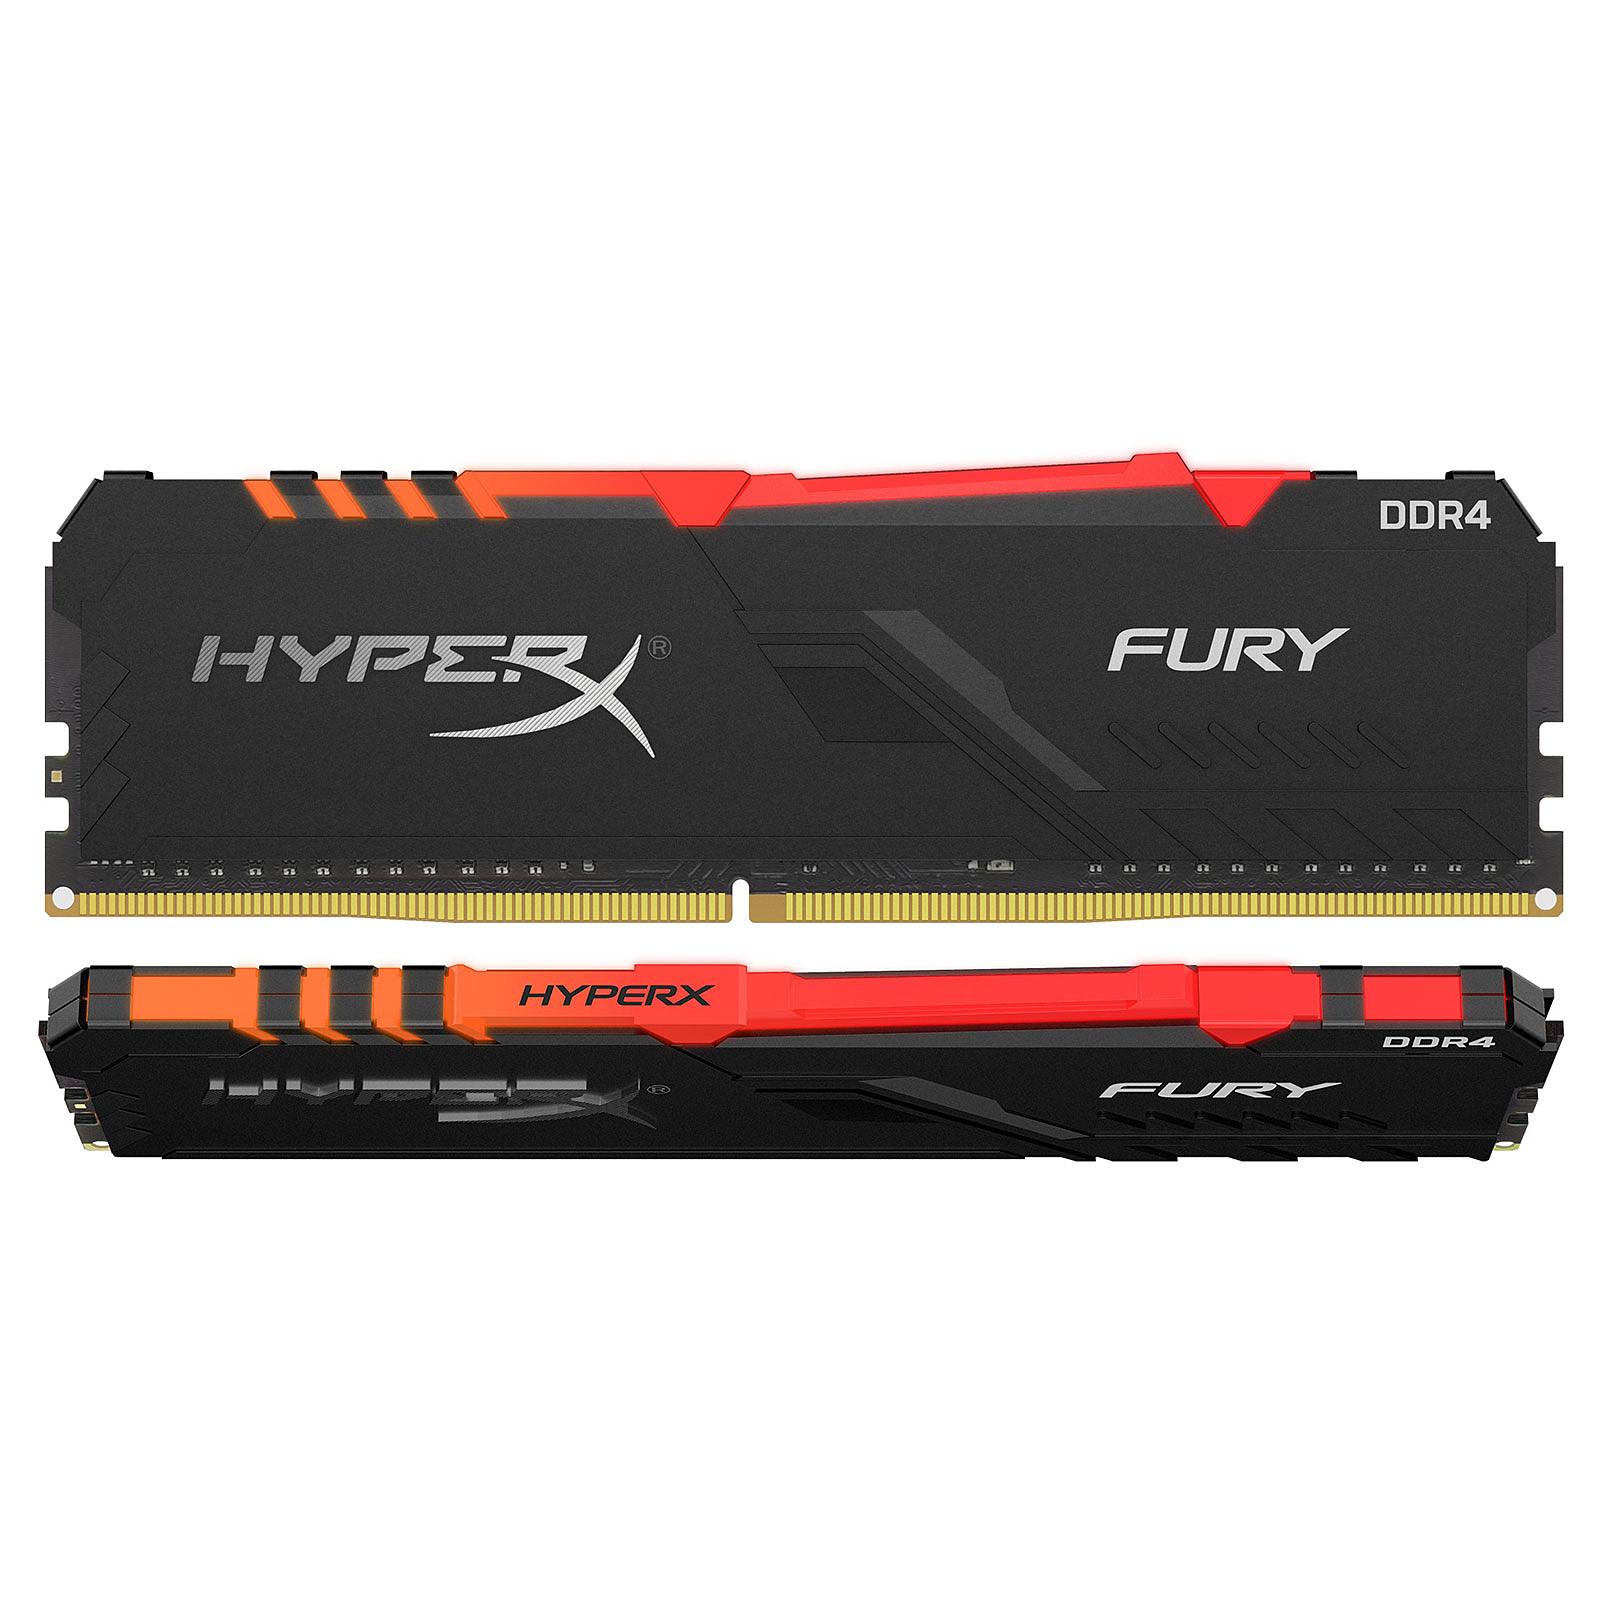 HyperX Fury RGB 32 Go (2x 16 Go) DDR4 2400 MHz CL15